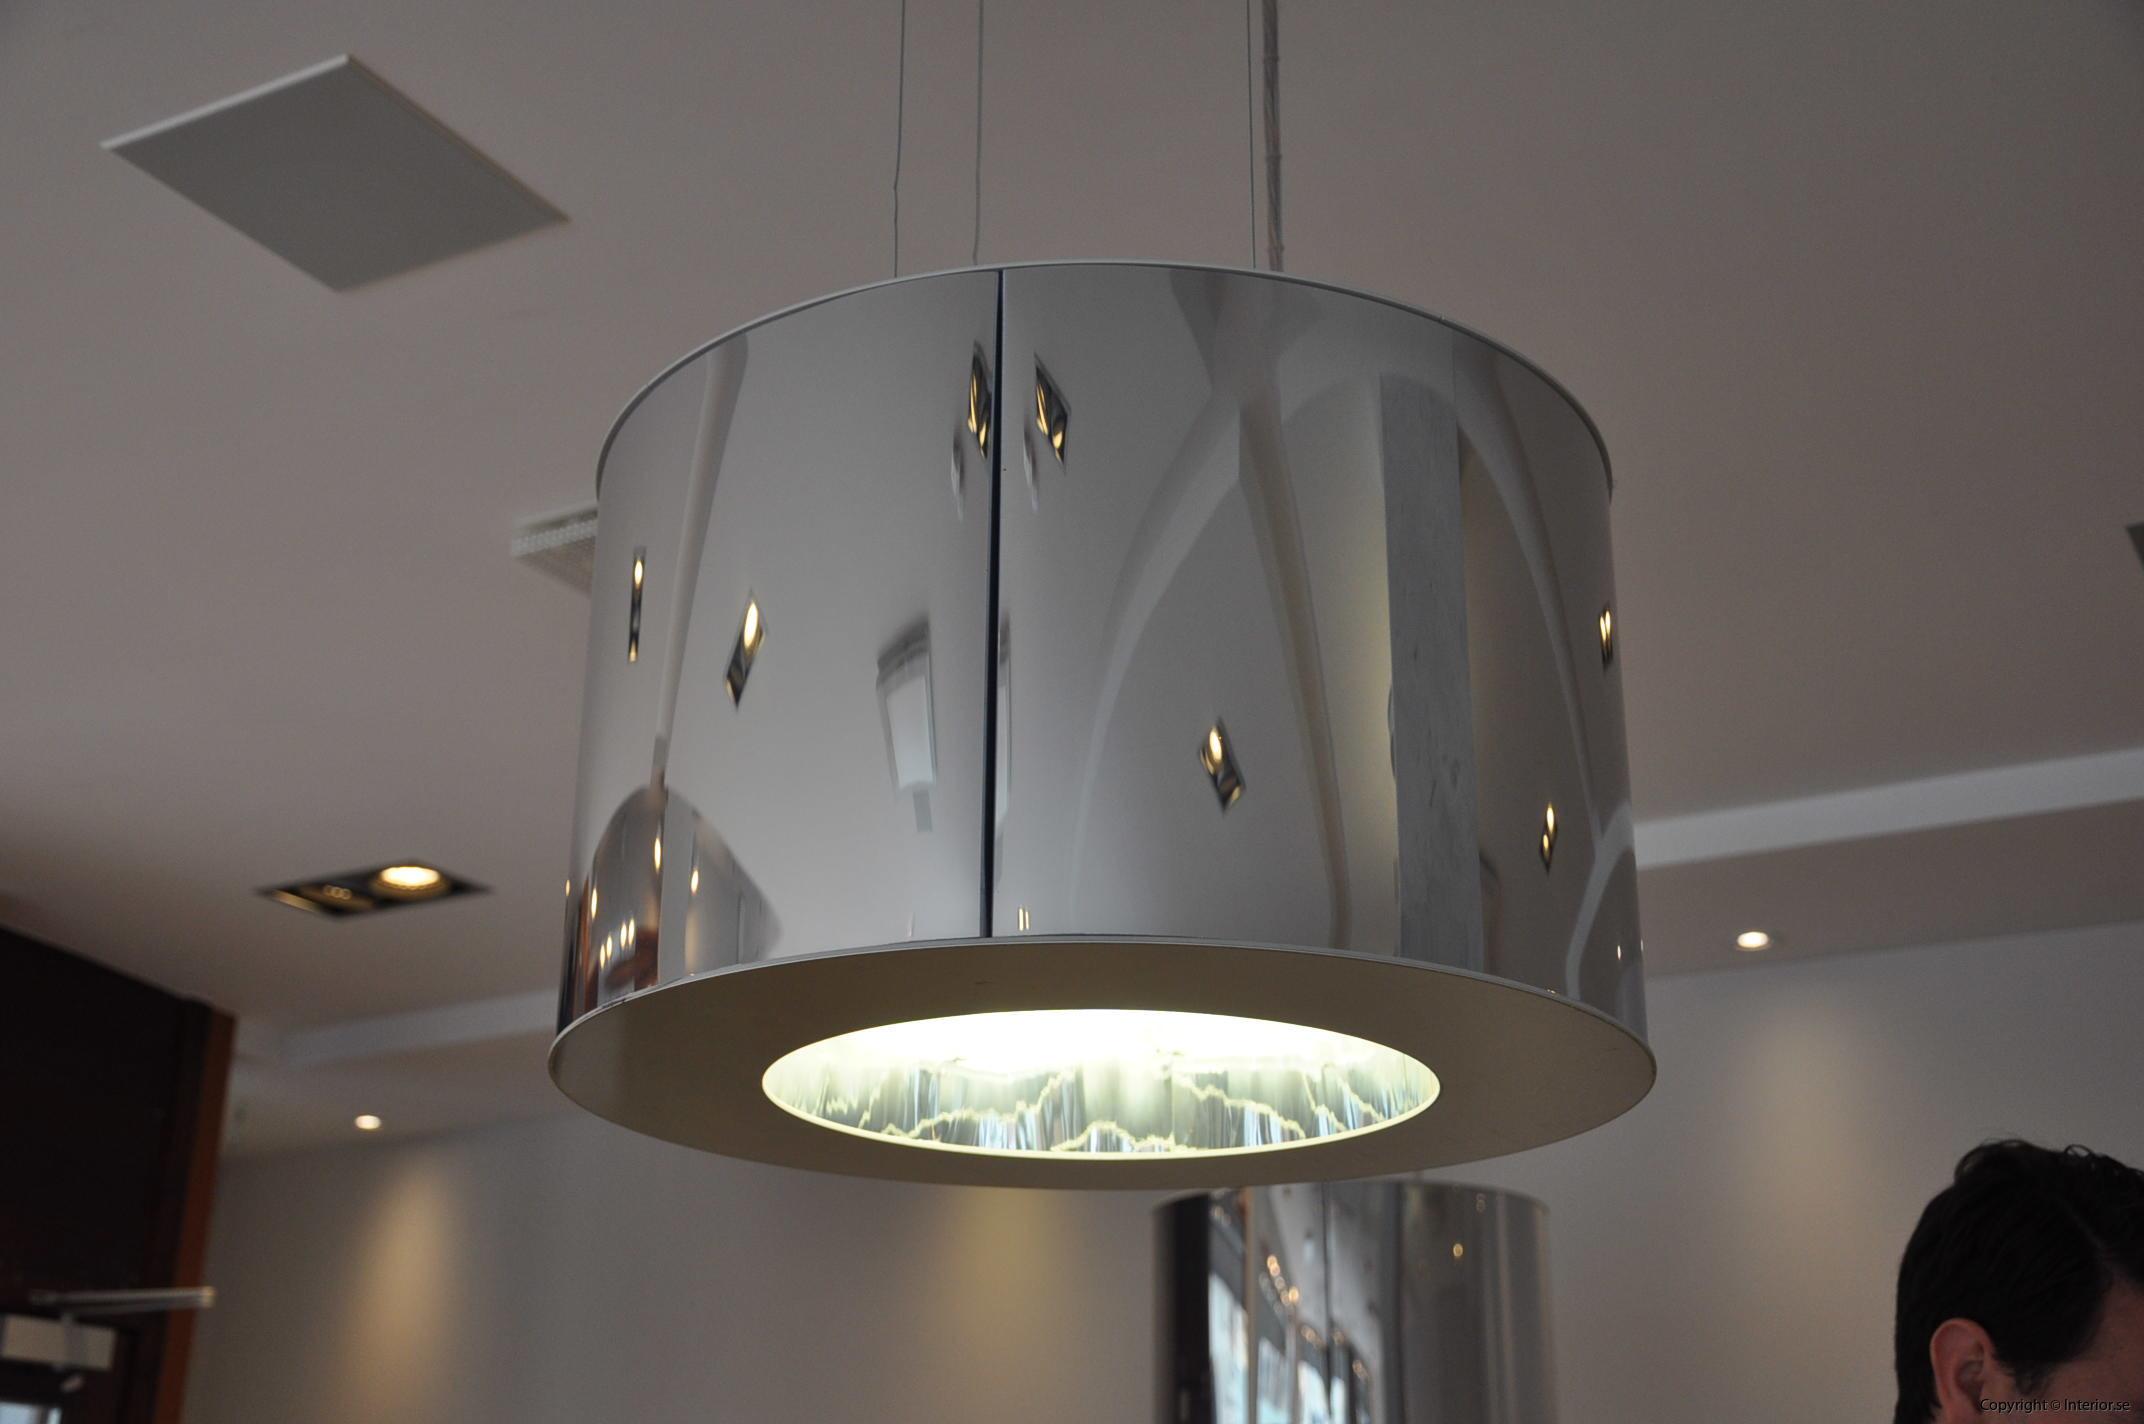 Pendel, Artemide Tian Xia 500 50 cm LED - Carlotta de Bevilacqua (5)